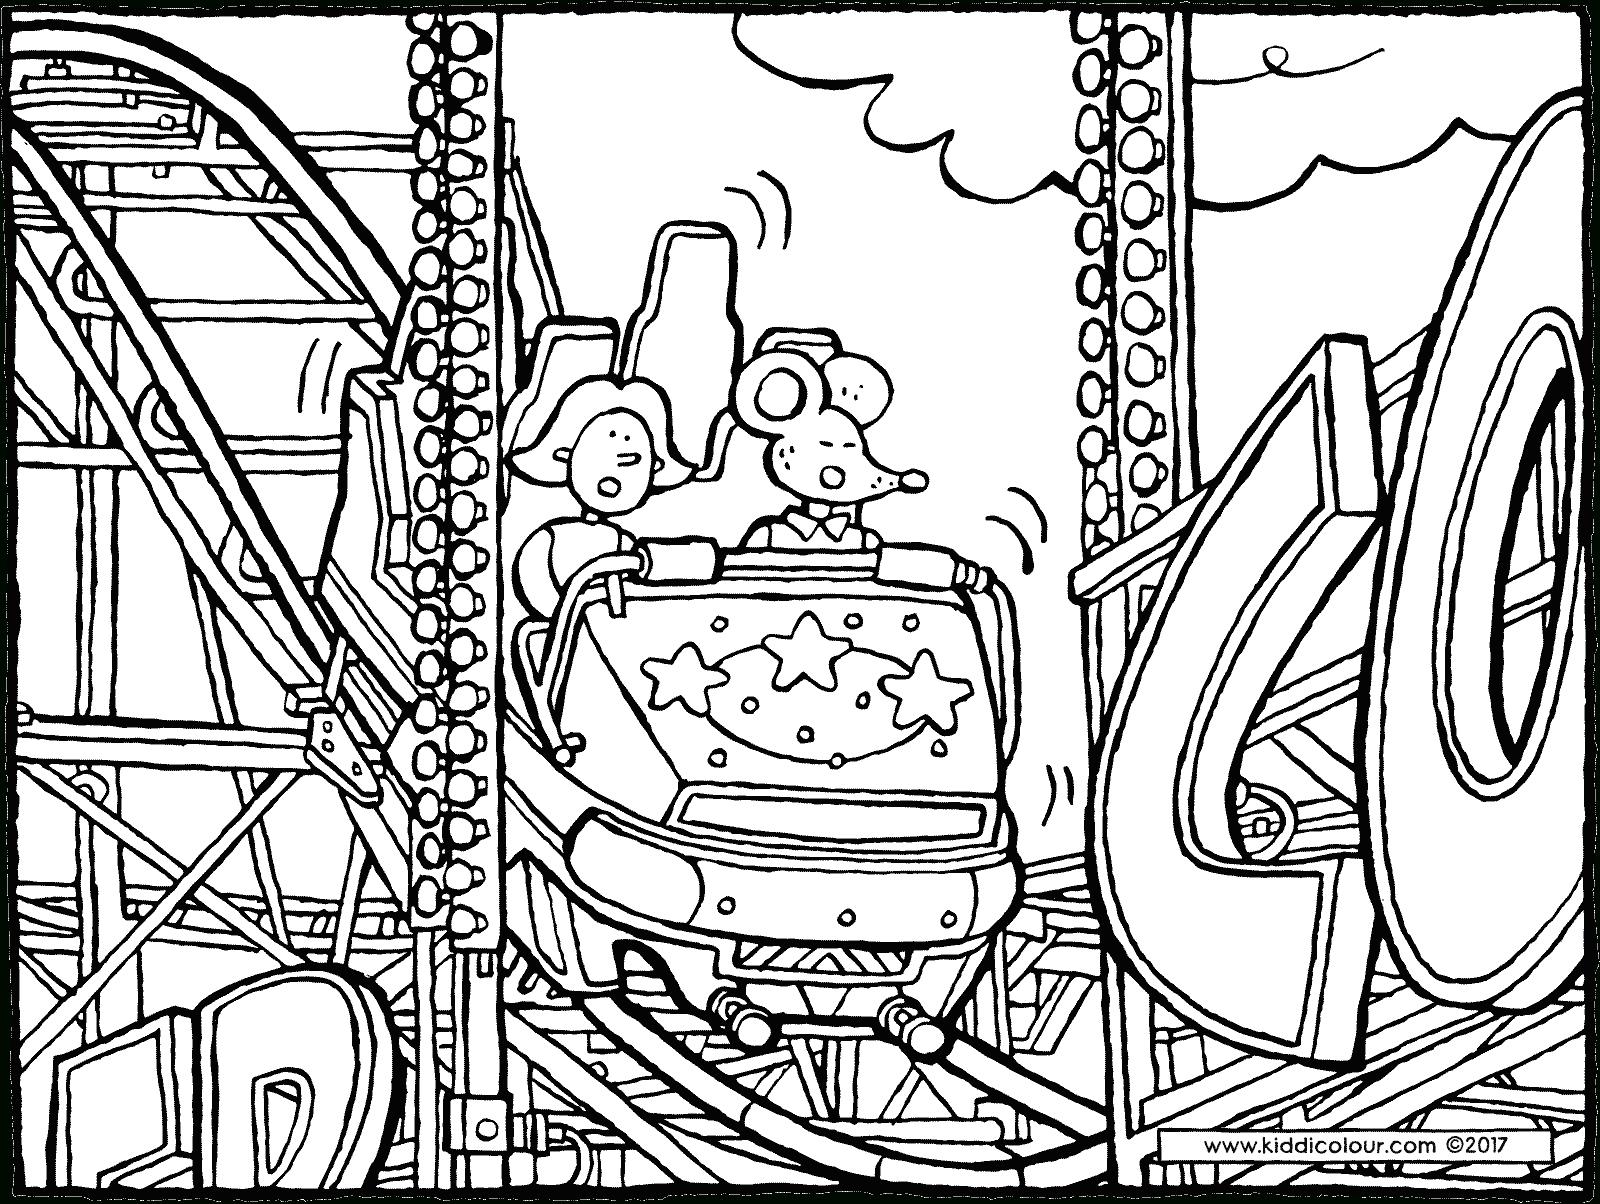 Garçons Kleurprenten - Page 16 Sur 16 - Kiddicoloriage destiné Dessin De Fete Foraine